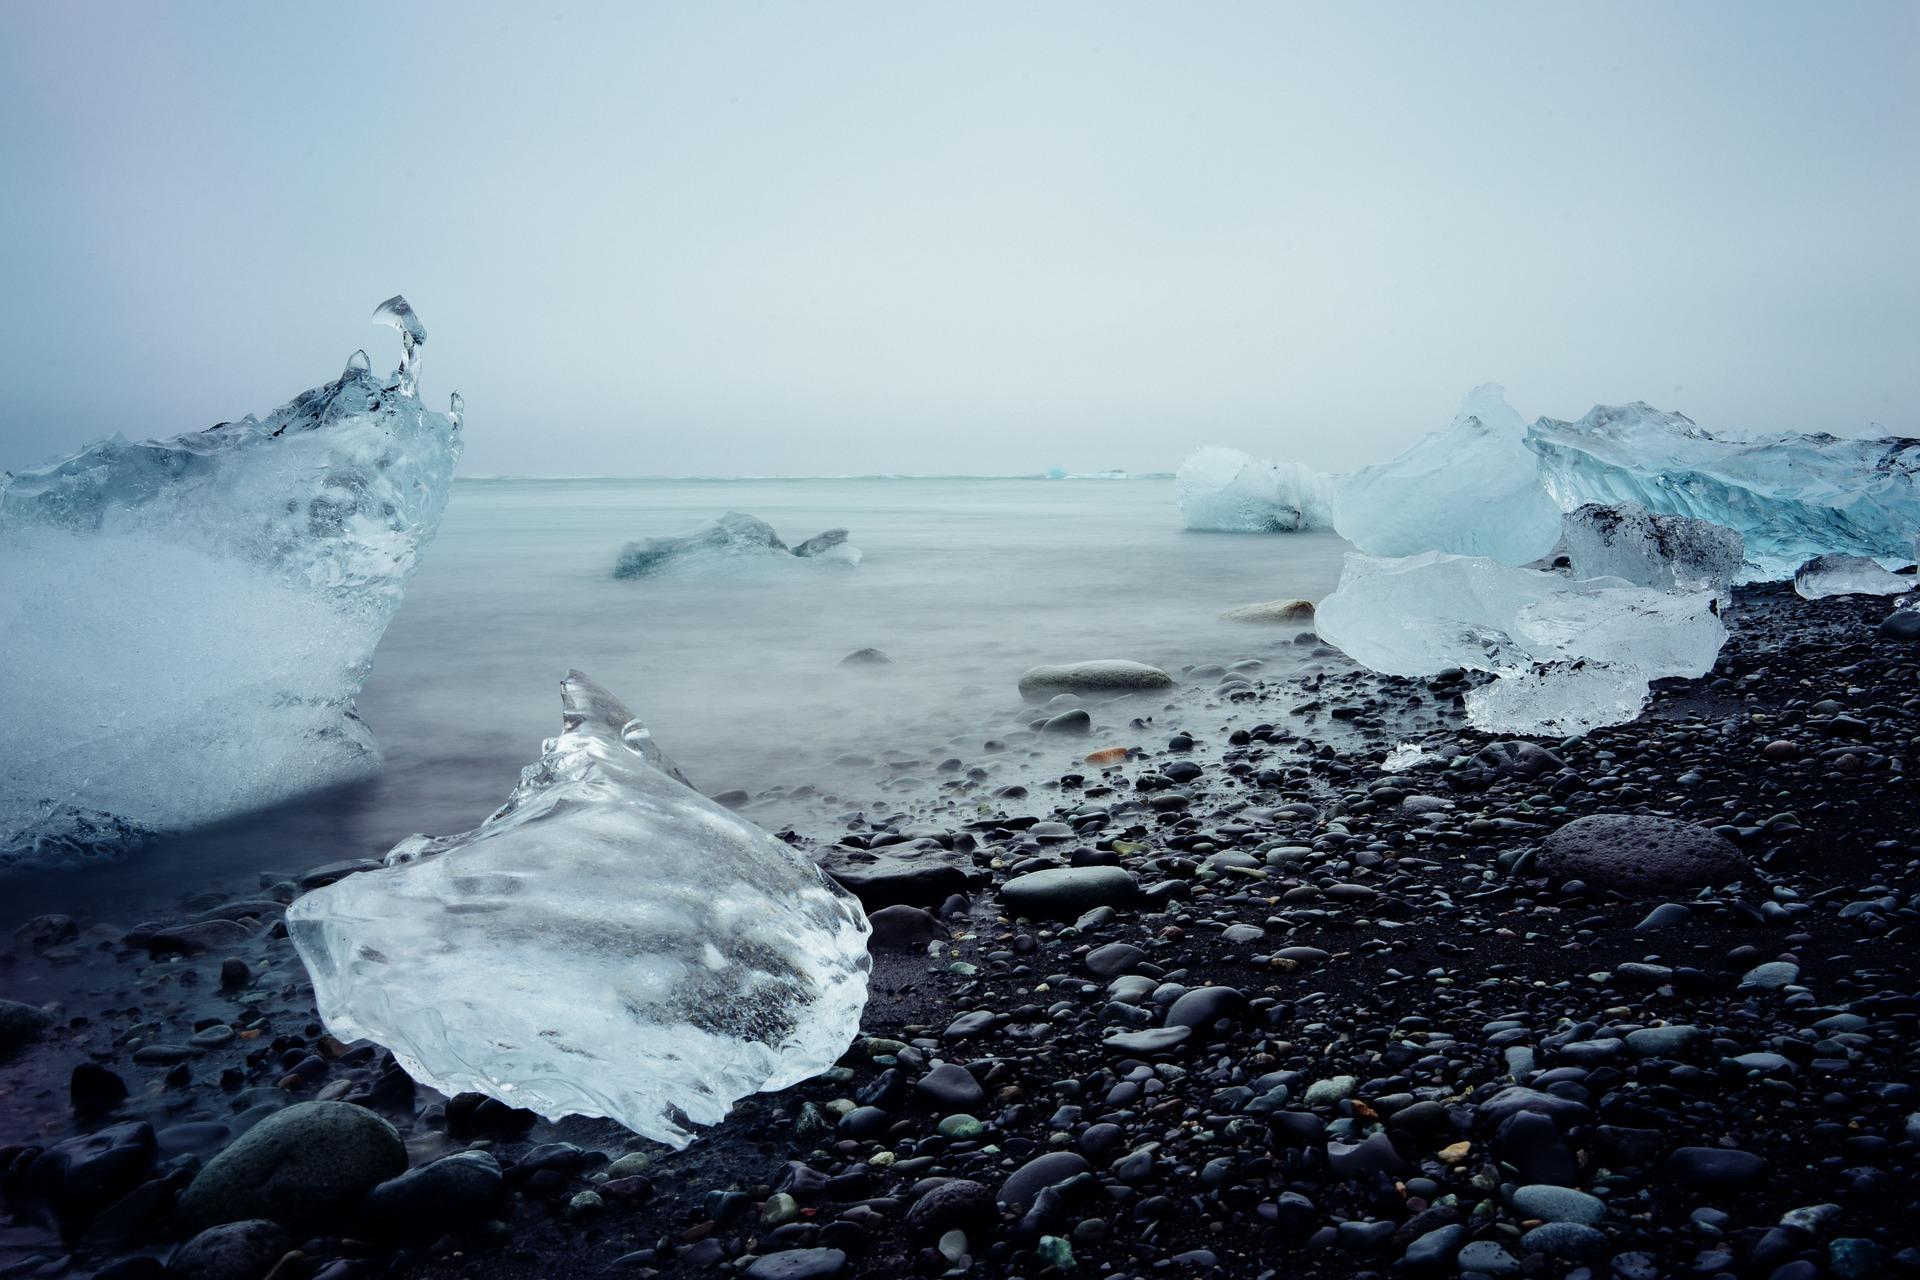 Il ghiaccio - Islanda